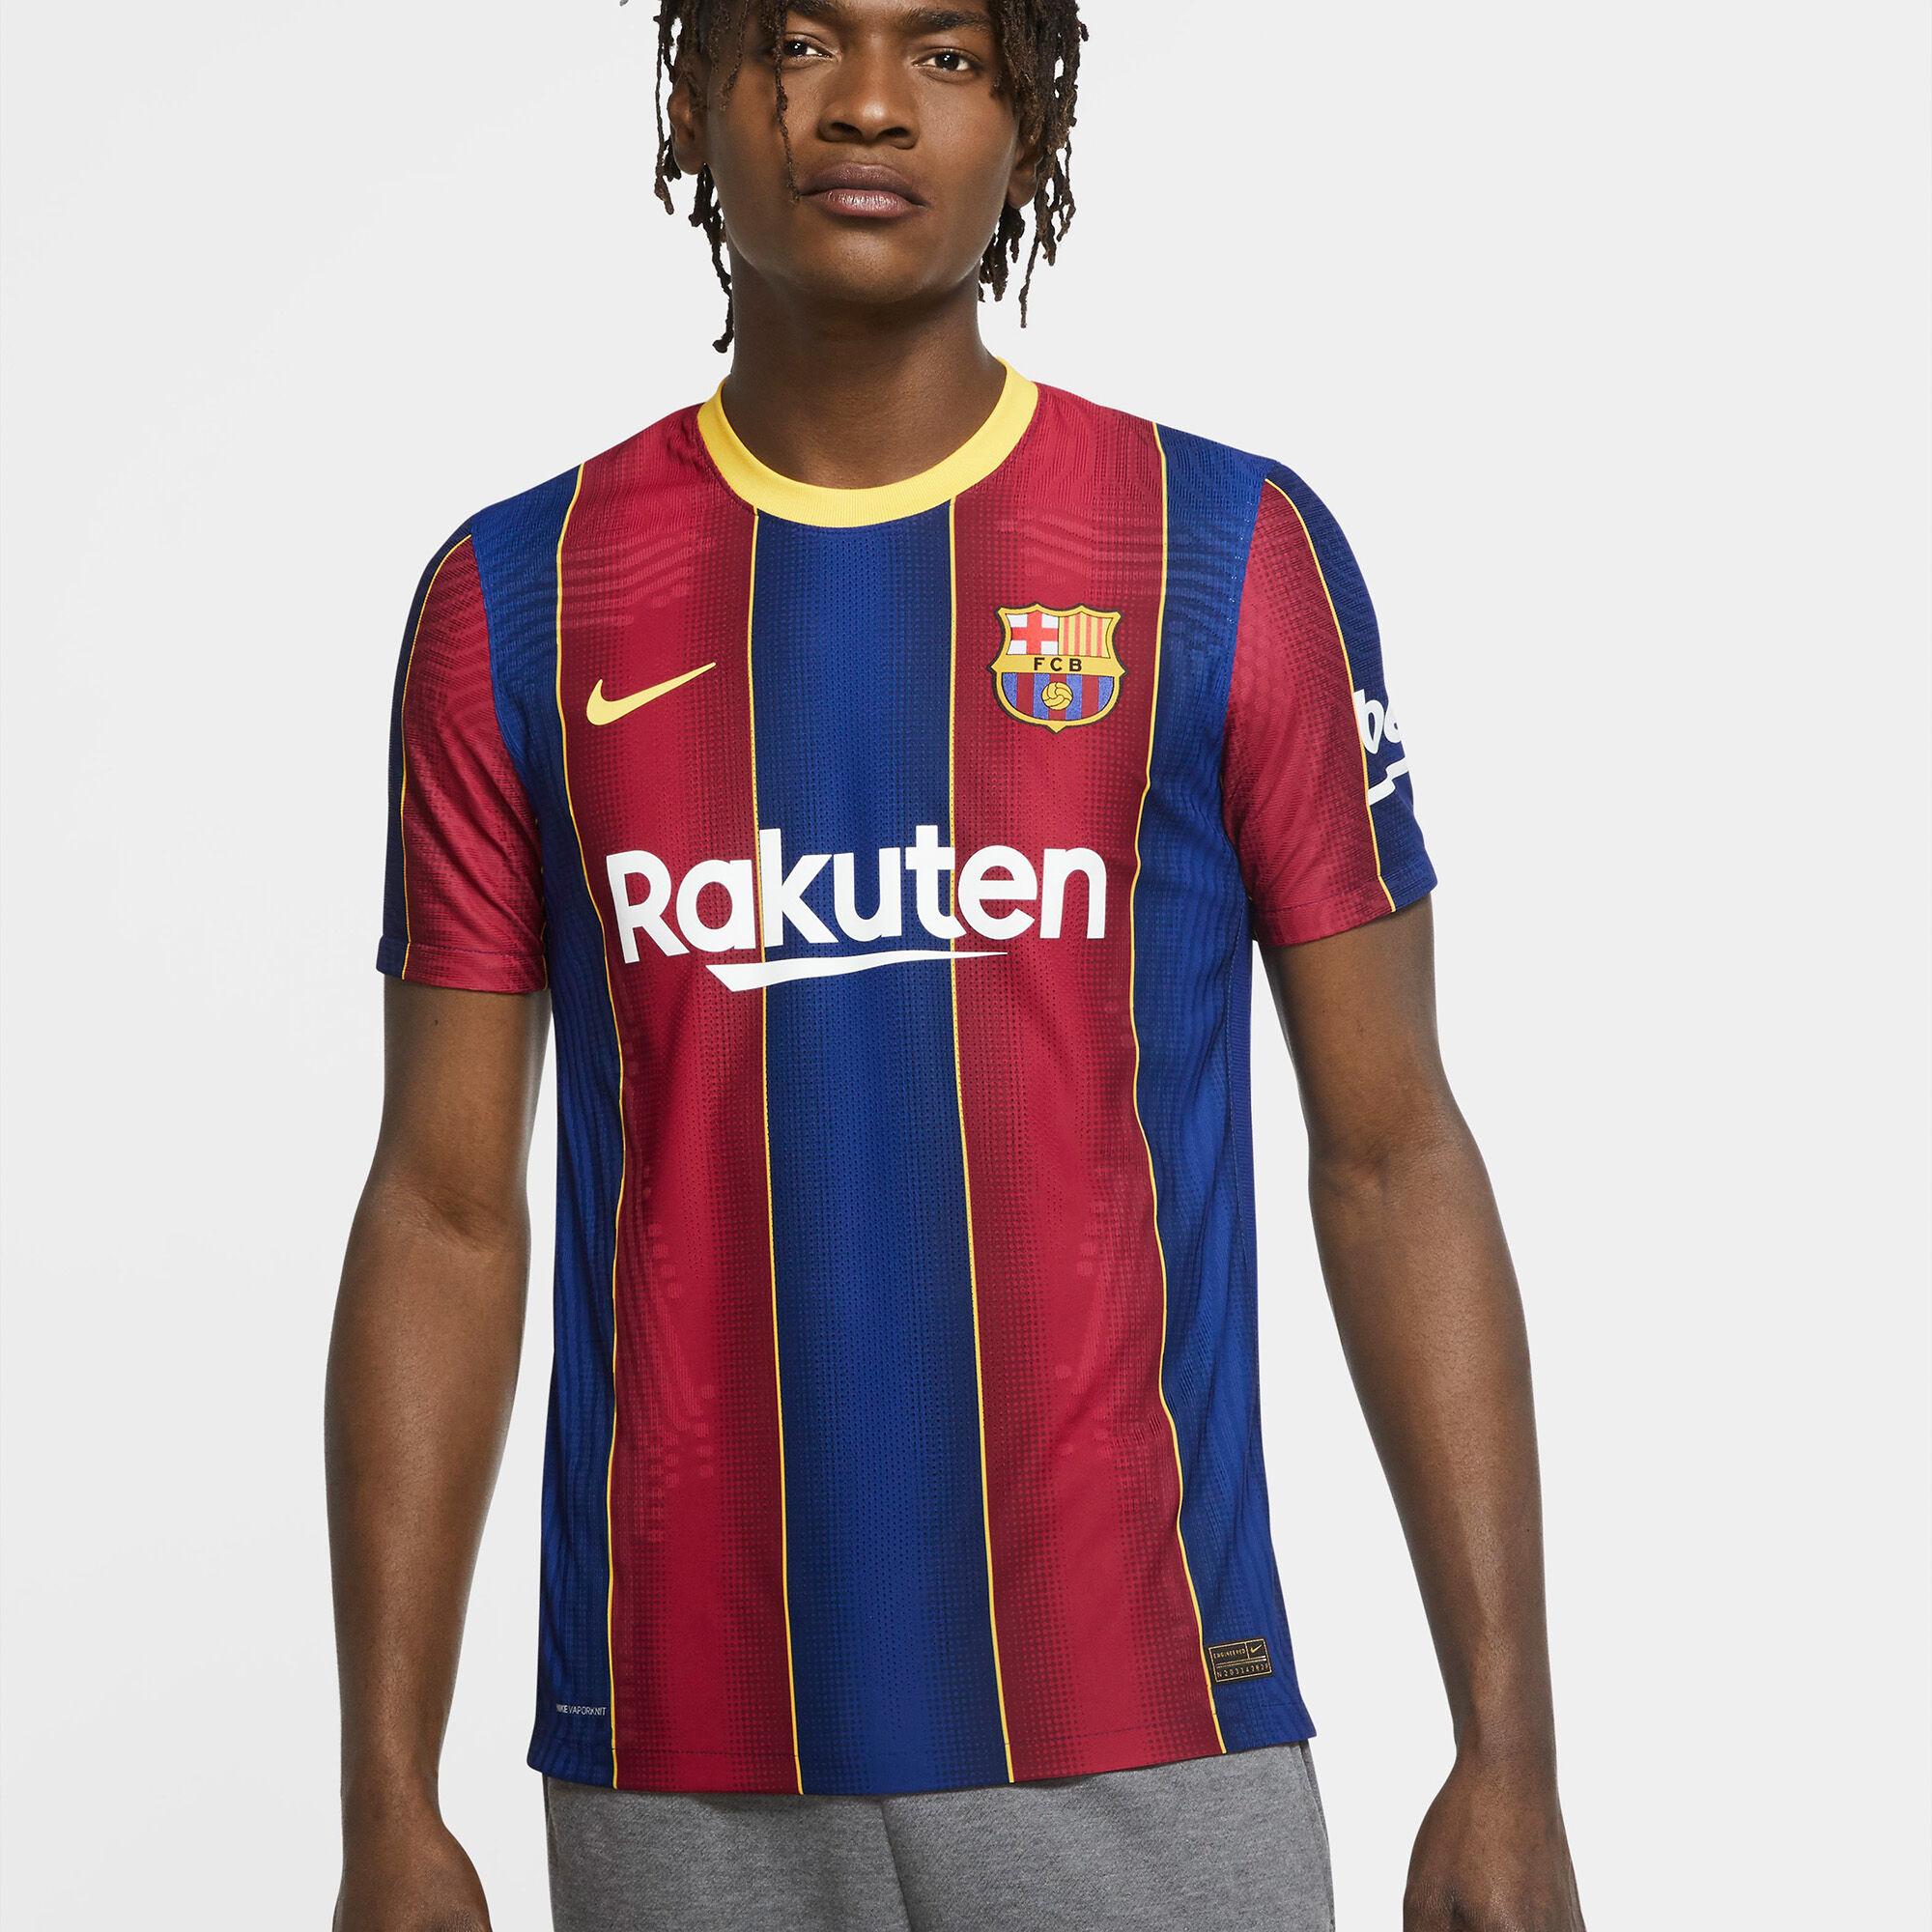 Nike sportartikelen kopen? Bekijk de nieuwste collectie